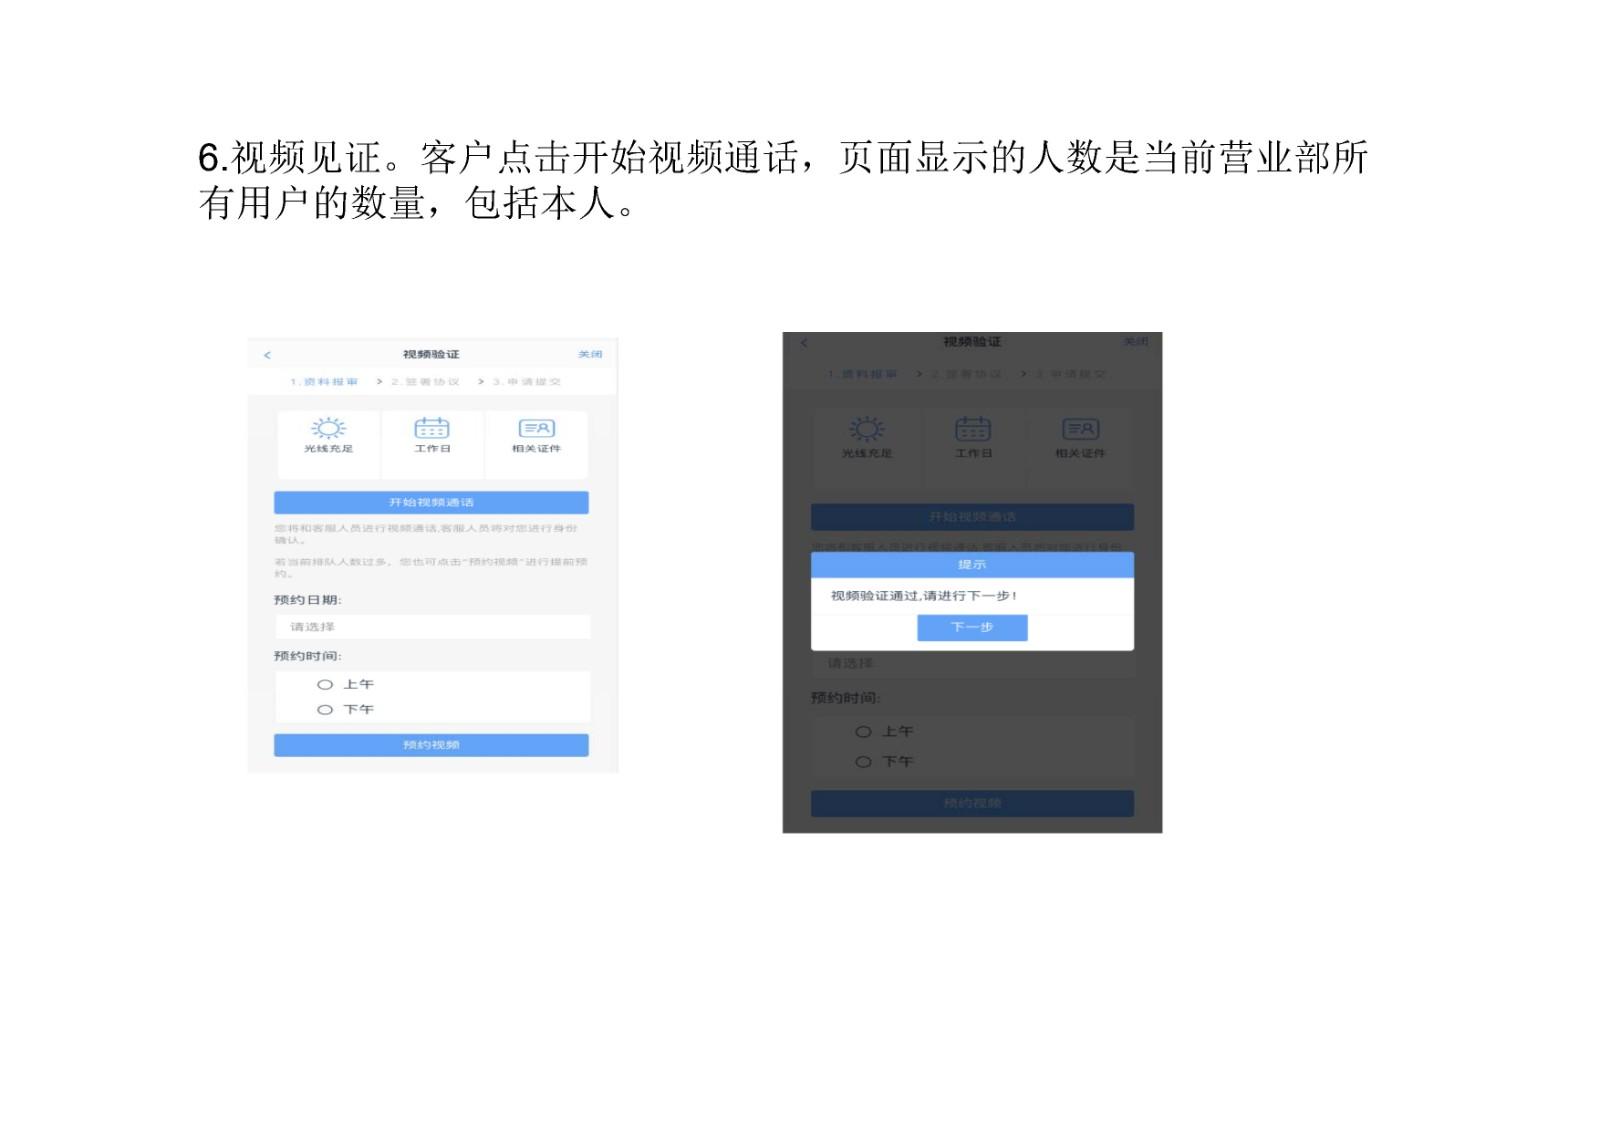 增开交易编码流程_Page8.jpg